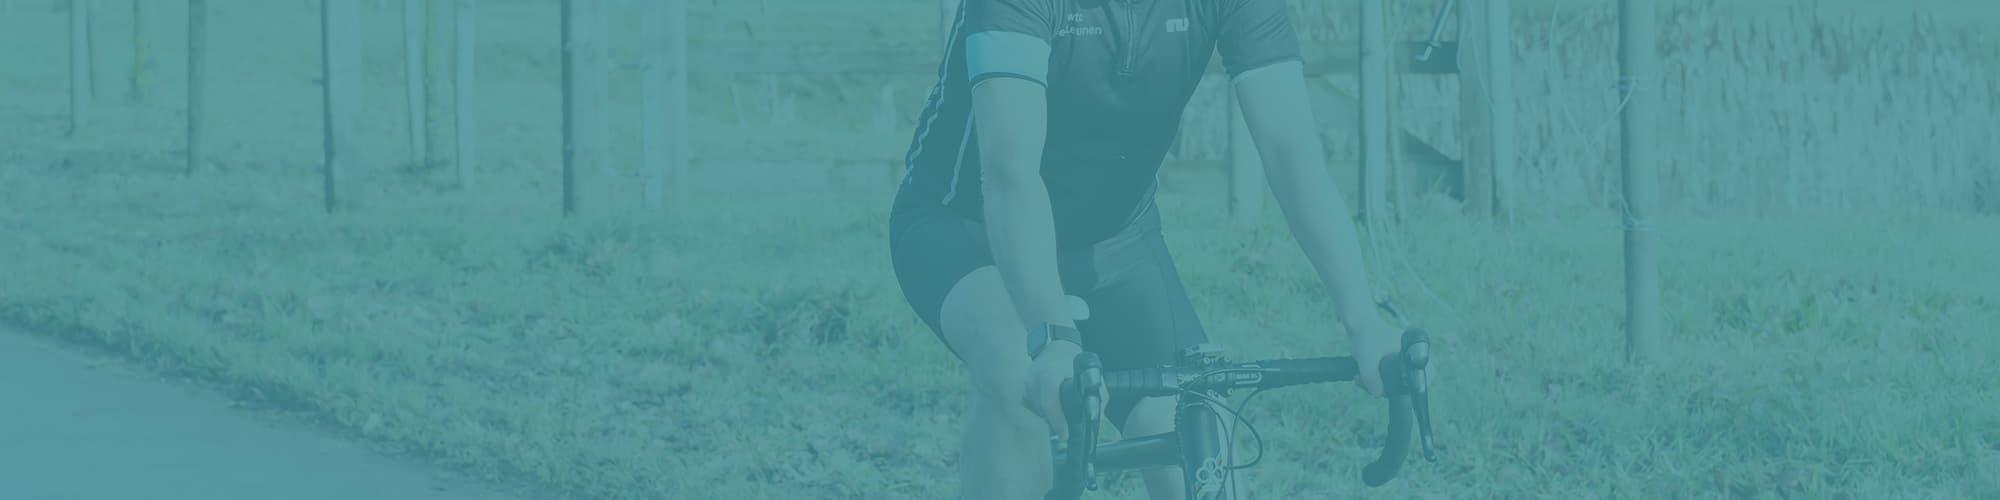 Fact check: do endurance sports increase the risk of arrhythmia?